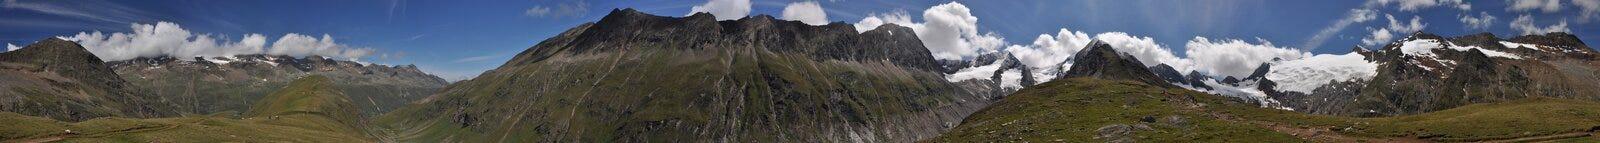 360 grados de panorama Imagen de archivo